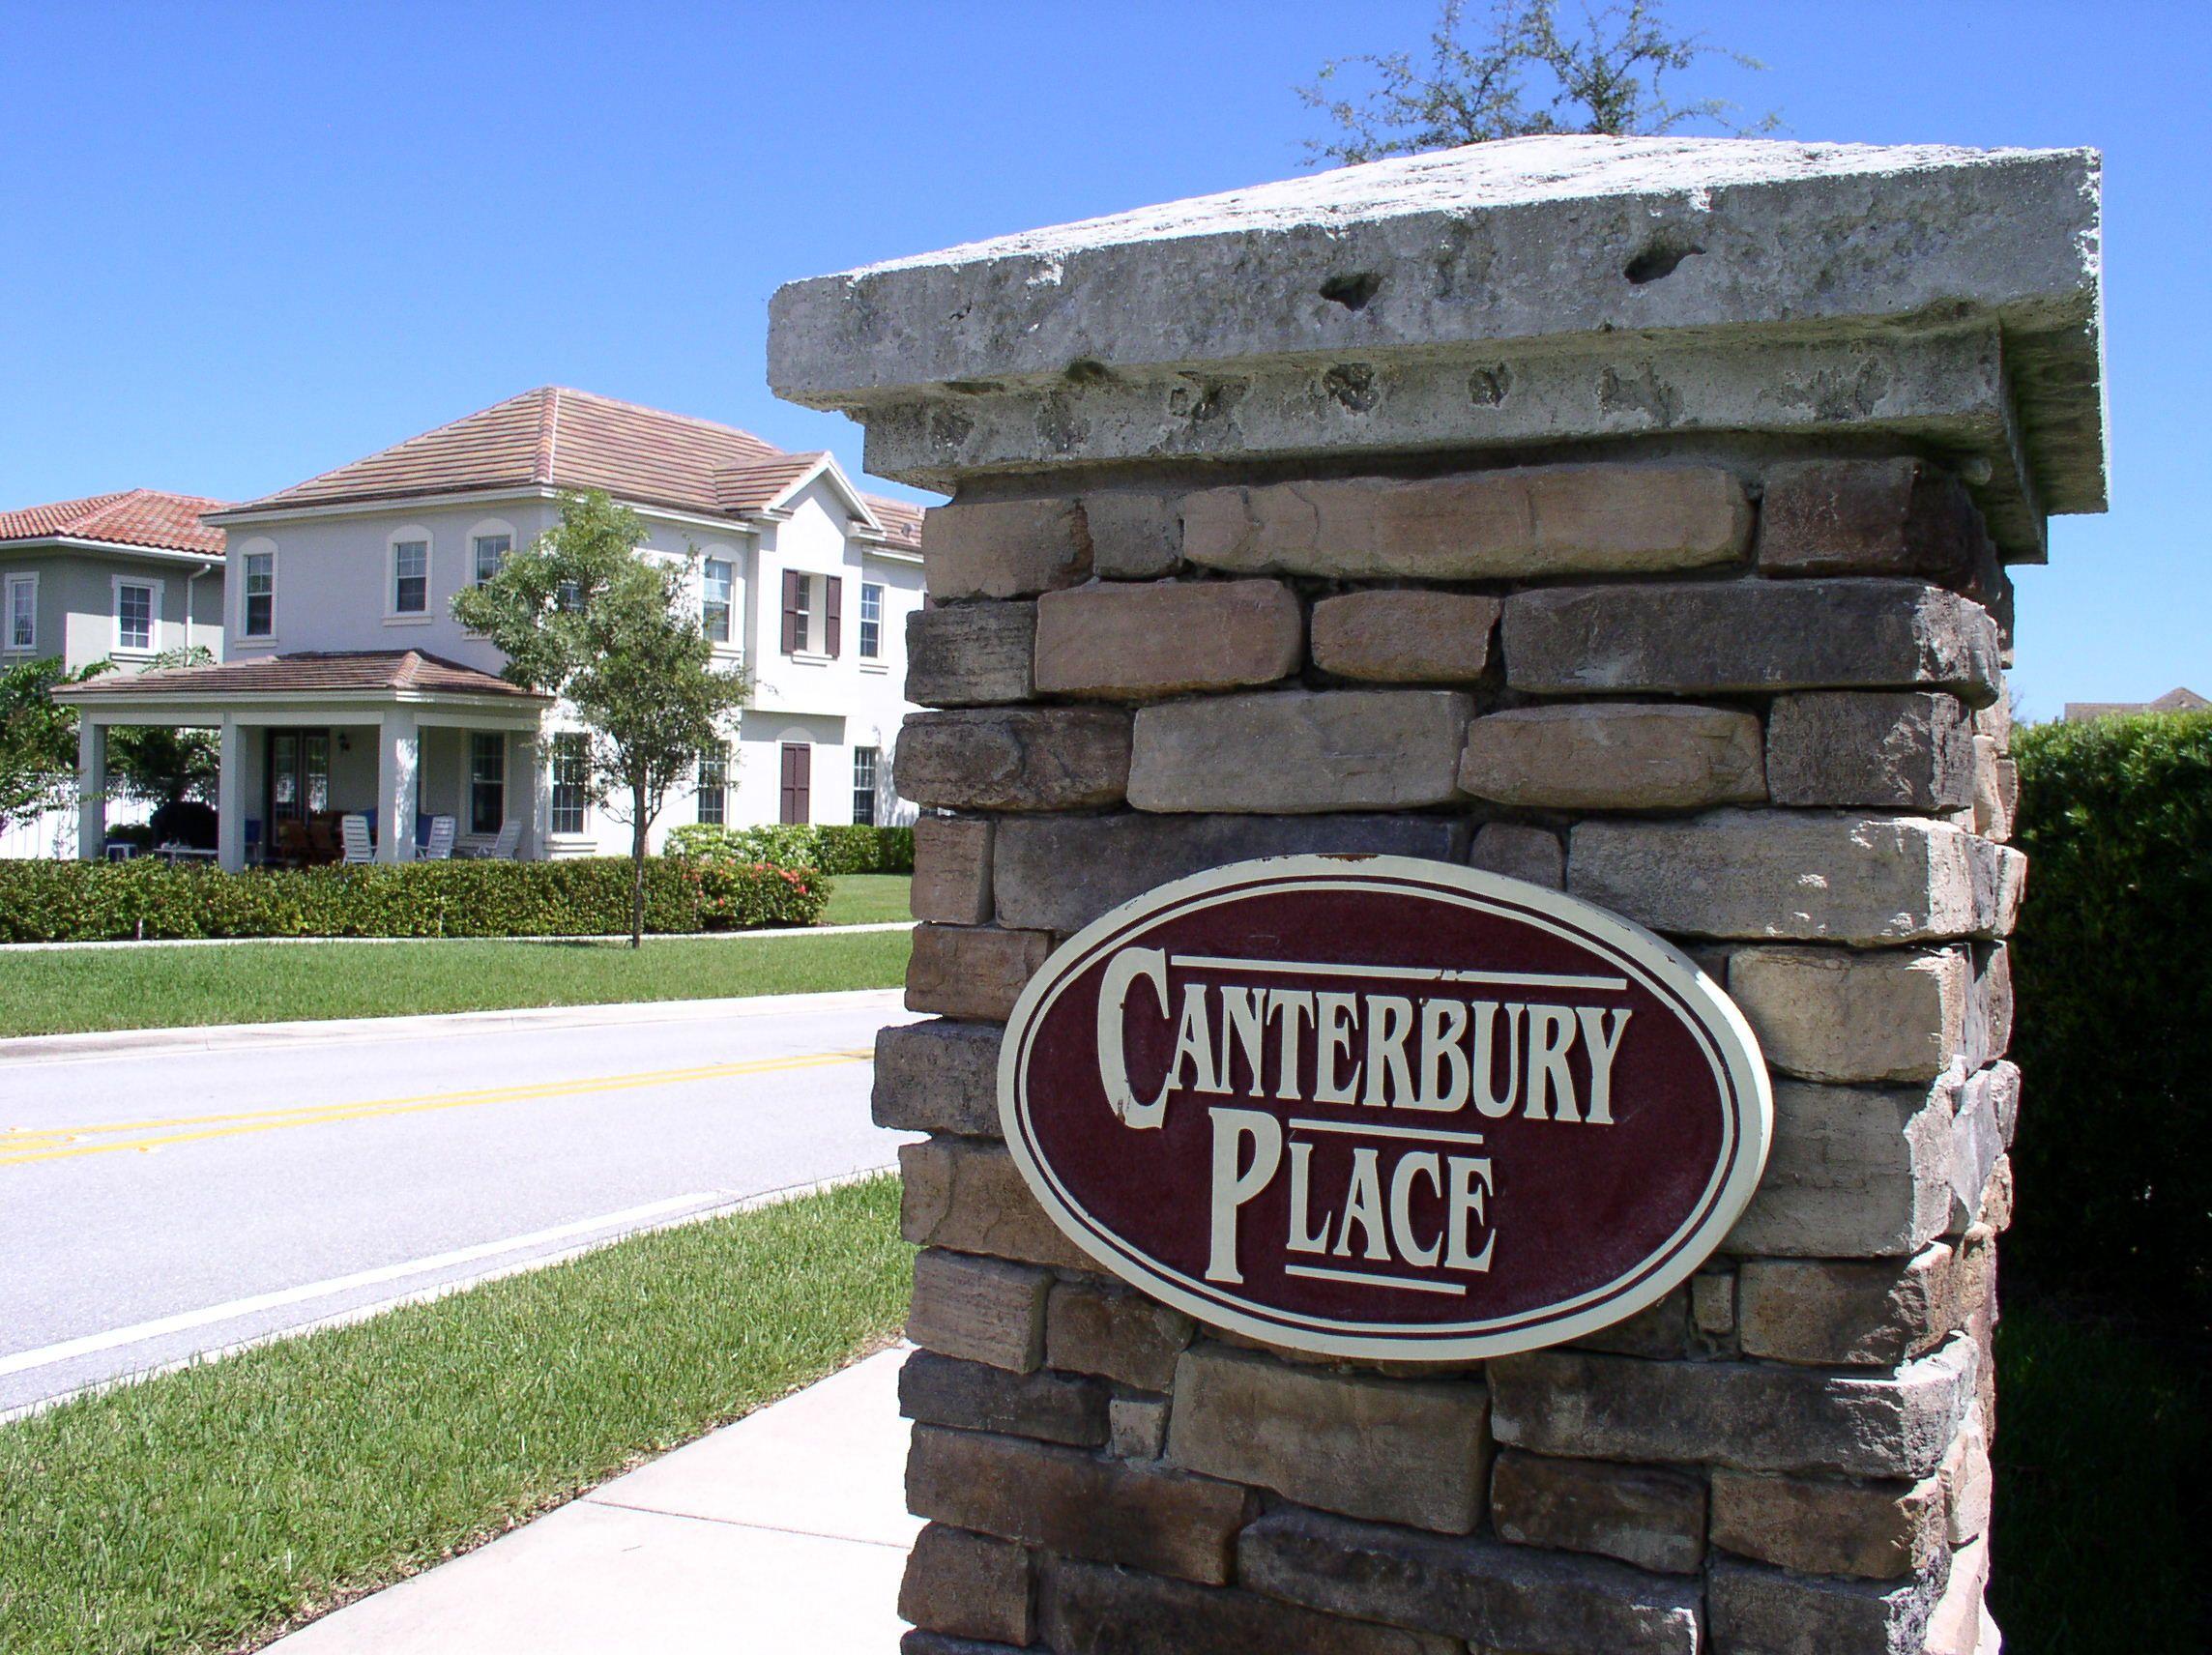 83e58eb14a8bc2e412adf5c52ffe1e08 - Homes For Rent Evergrene Palm Beach Gardens